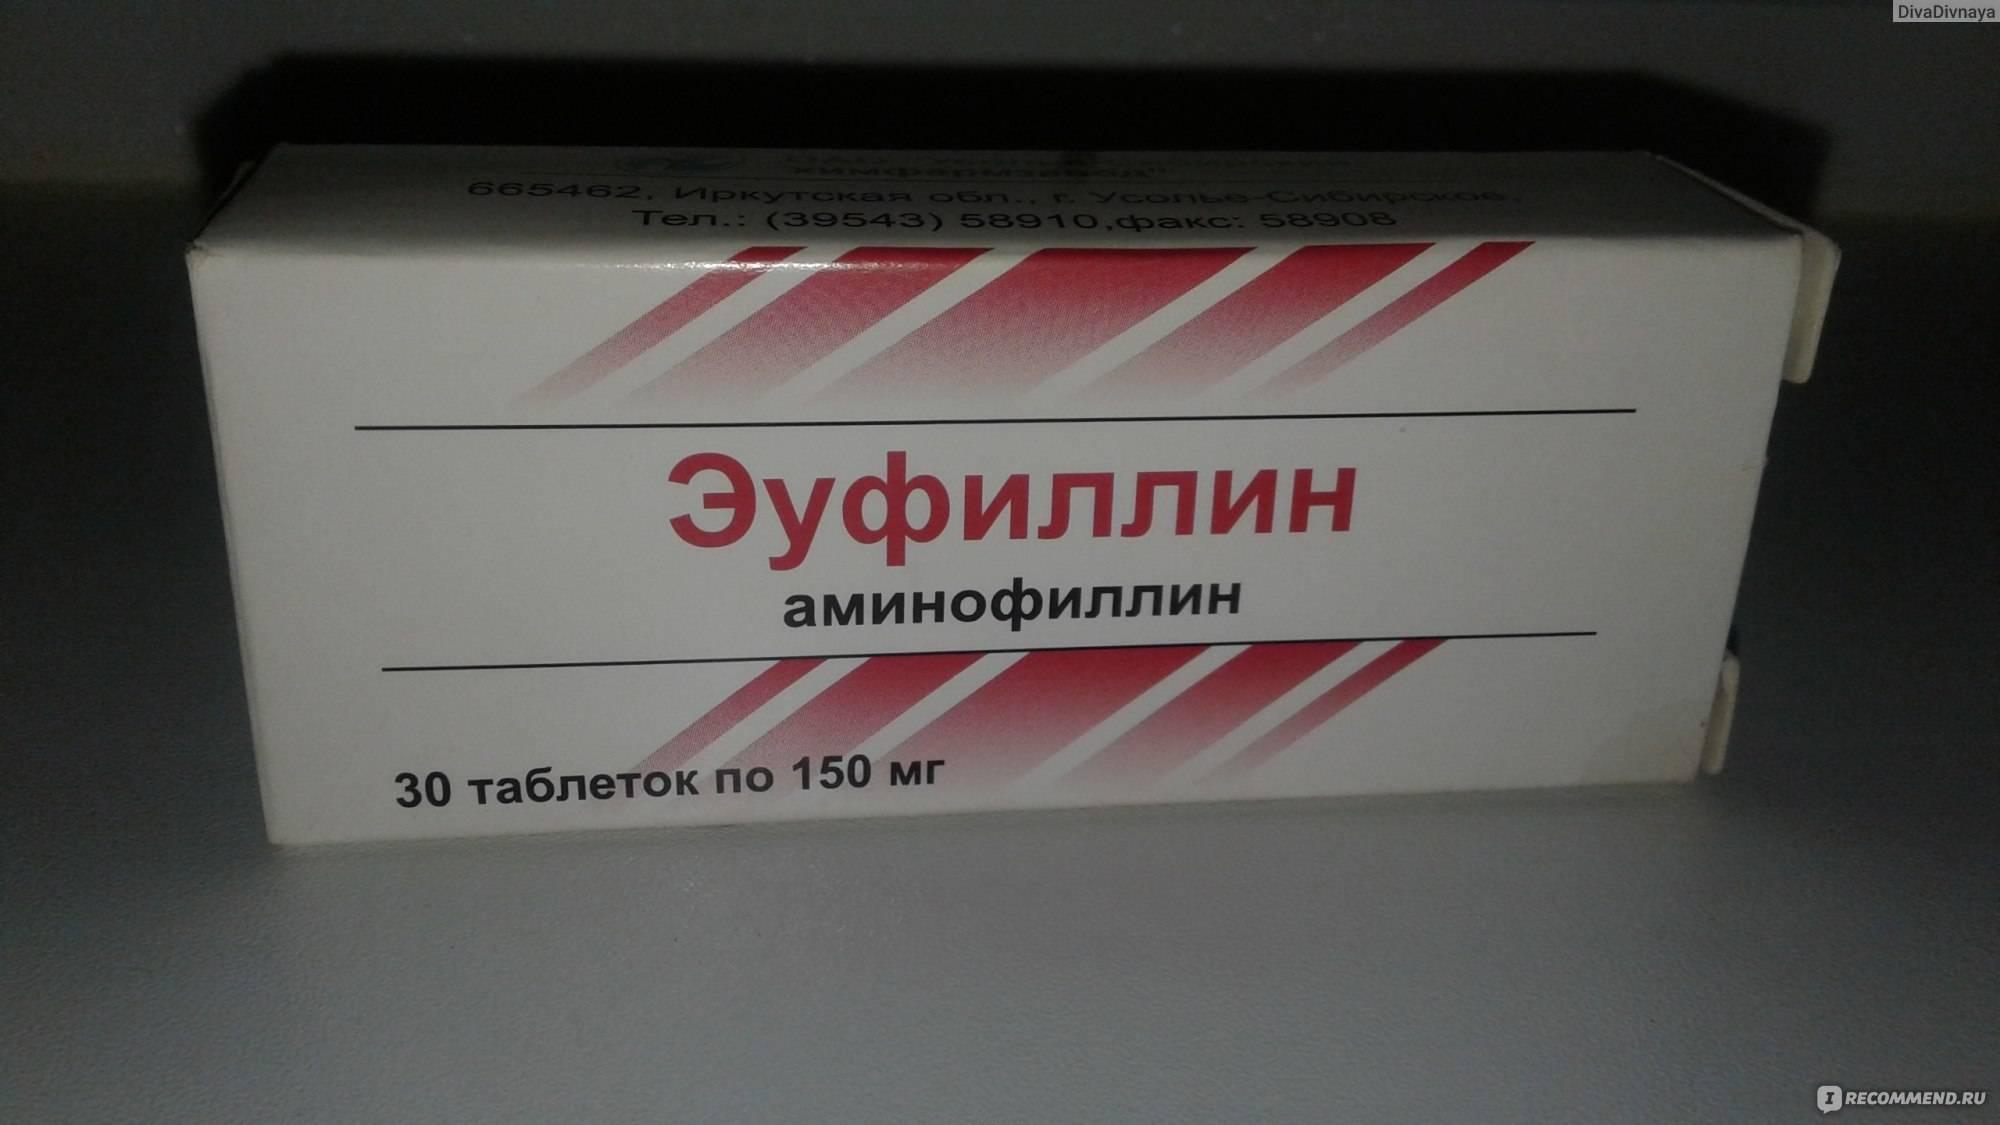 Как правильно применять эуфиллин в детском возрасте